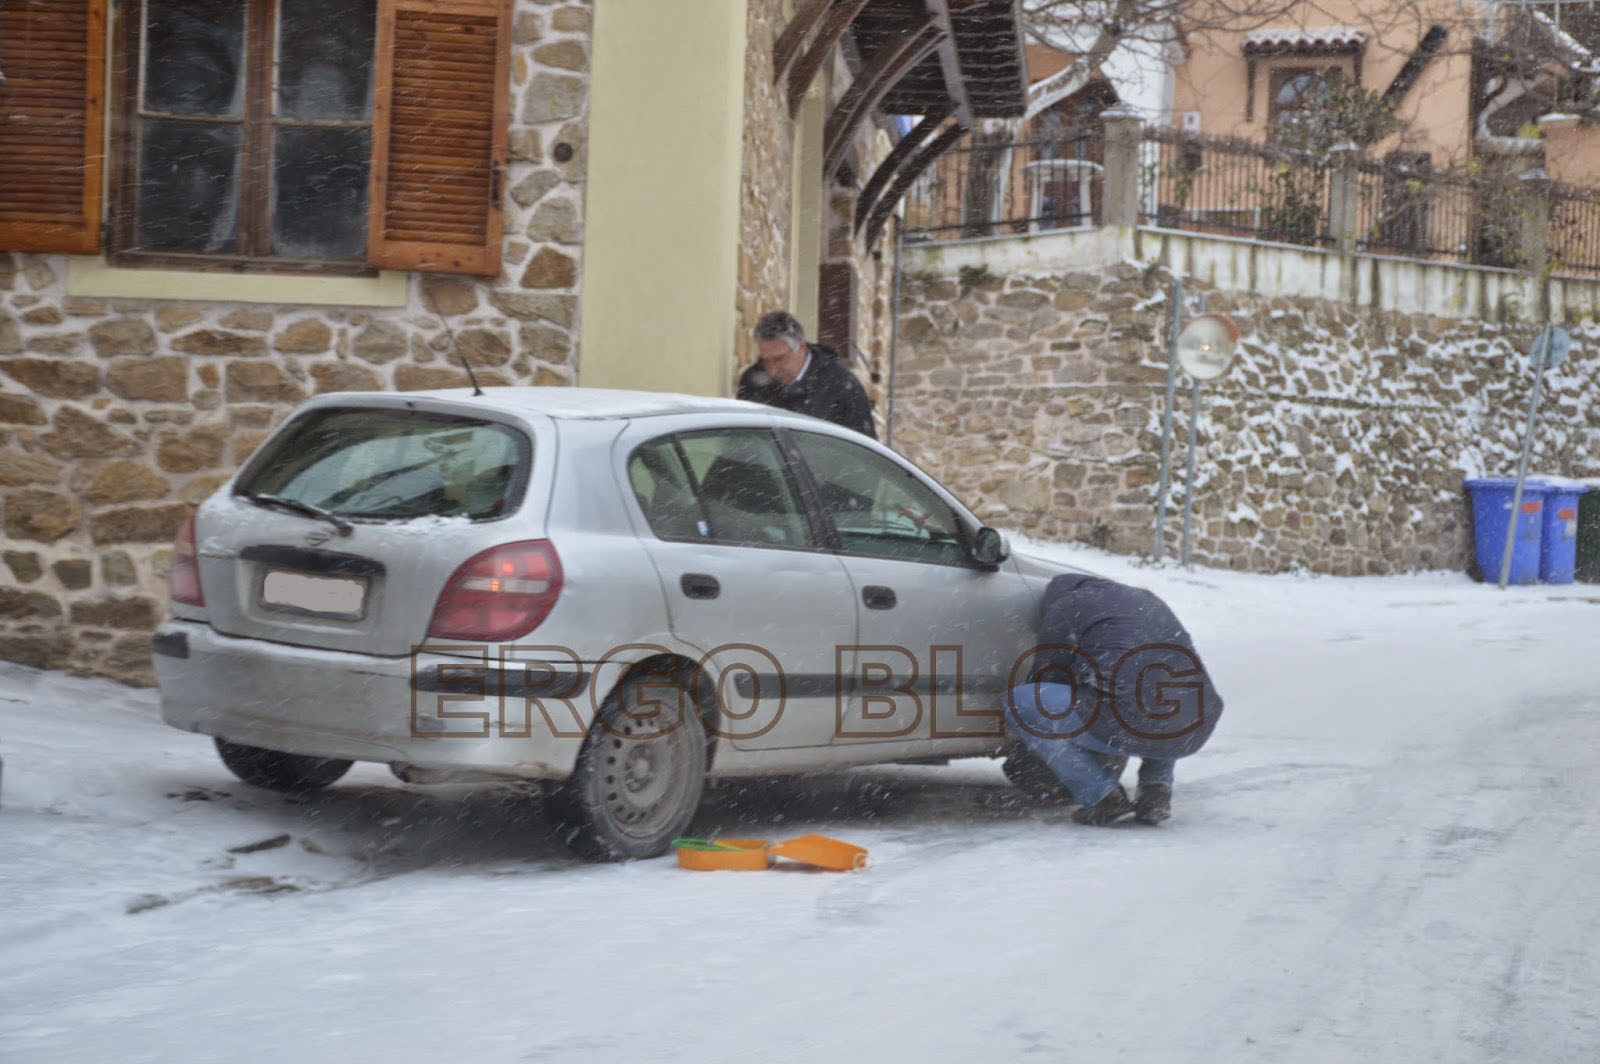 Νεότερη ενημέρωση: Δείτε σε ποιους δρόμους της Χαλκιδικής χρειάζονται αντιολισθητικές αλυσίδες